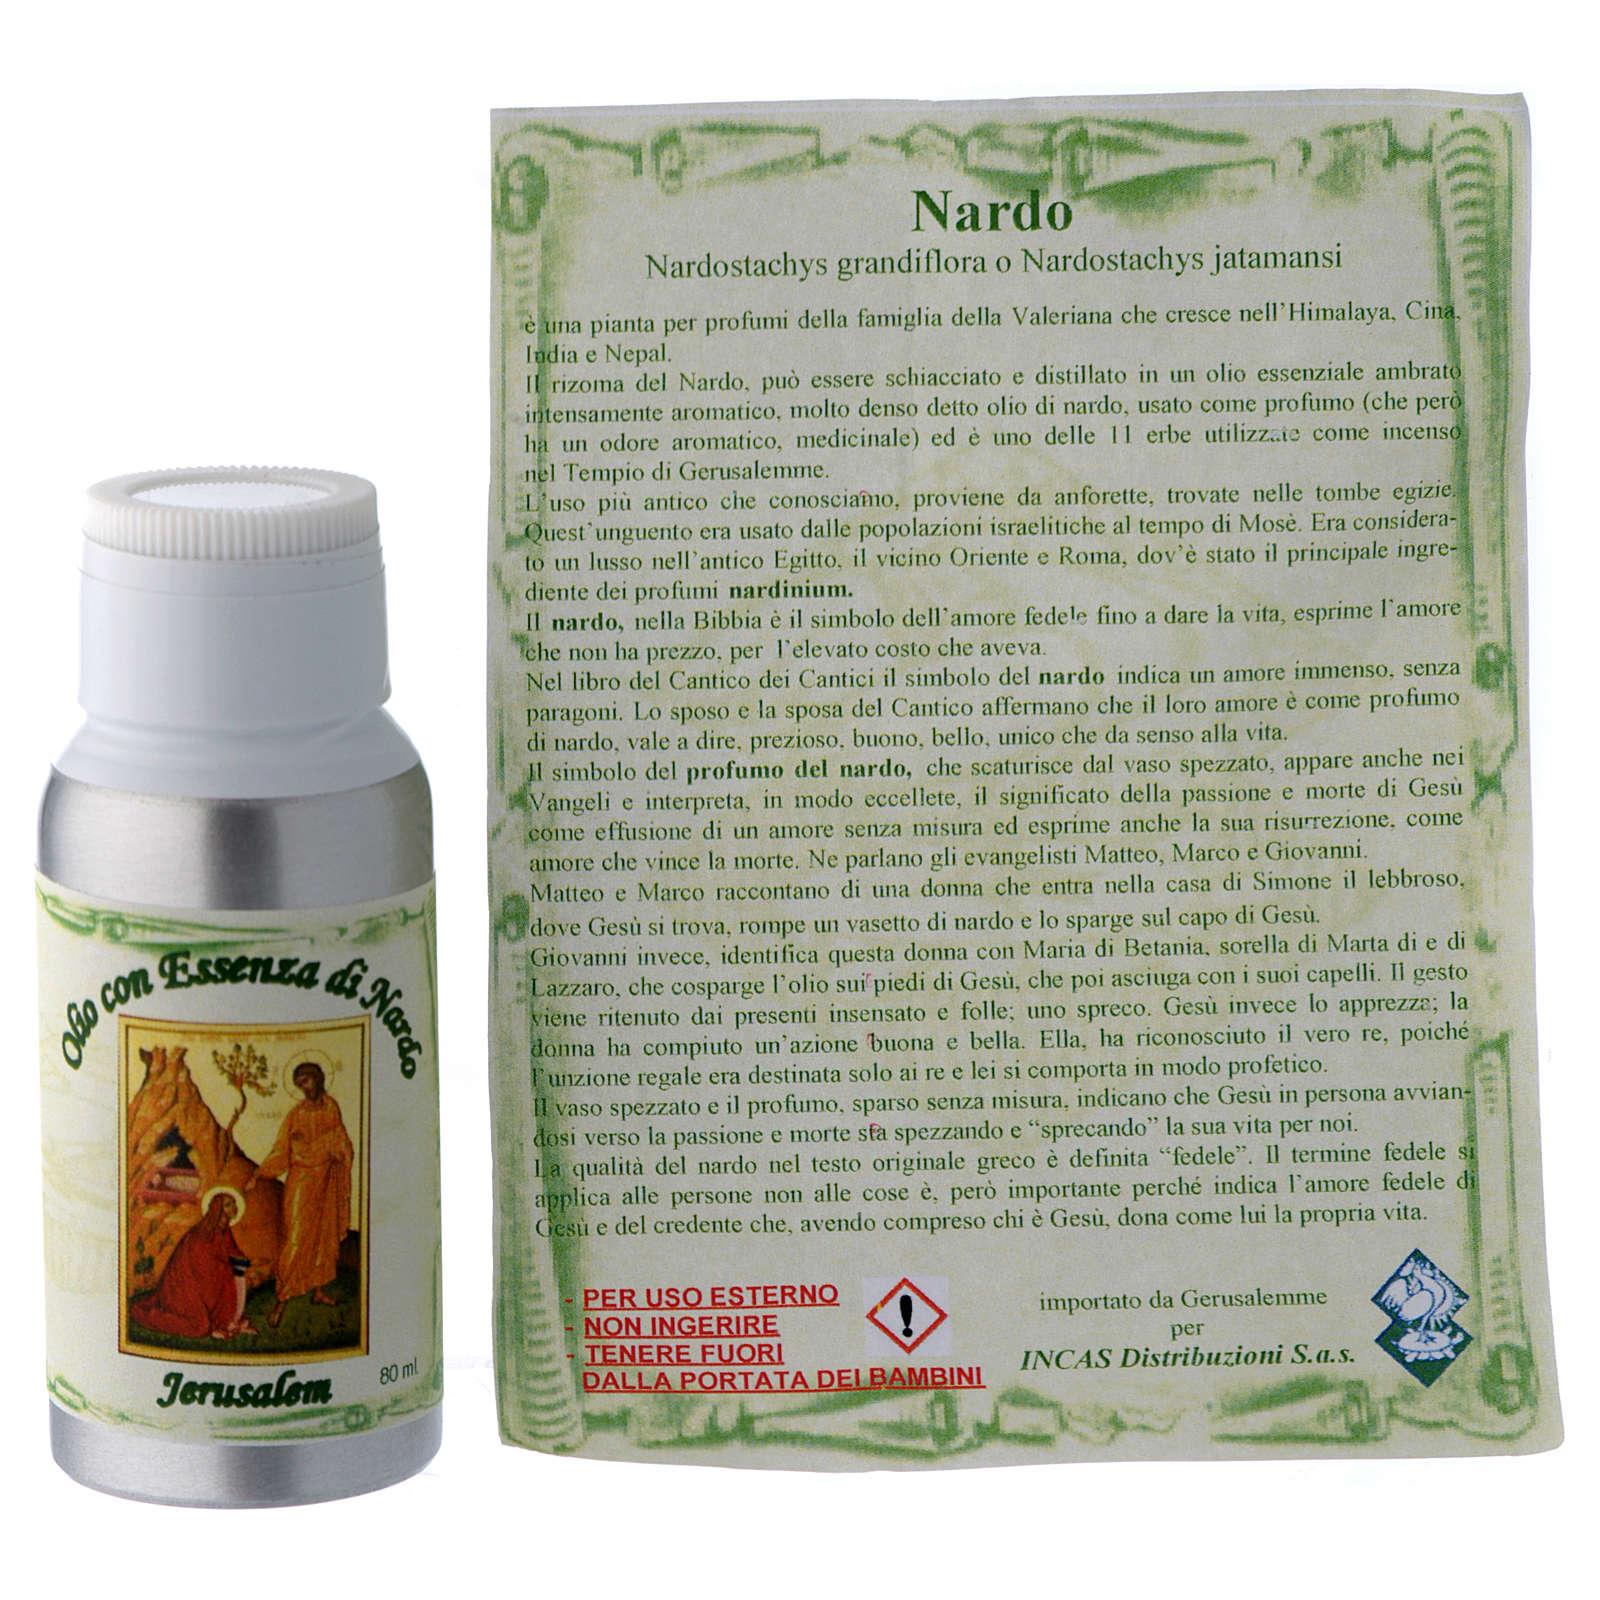 Nardo oil 80 ml 3